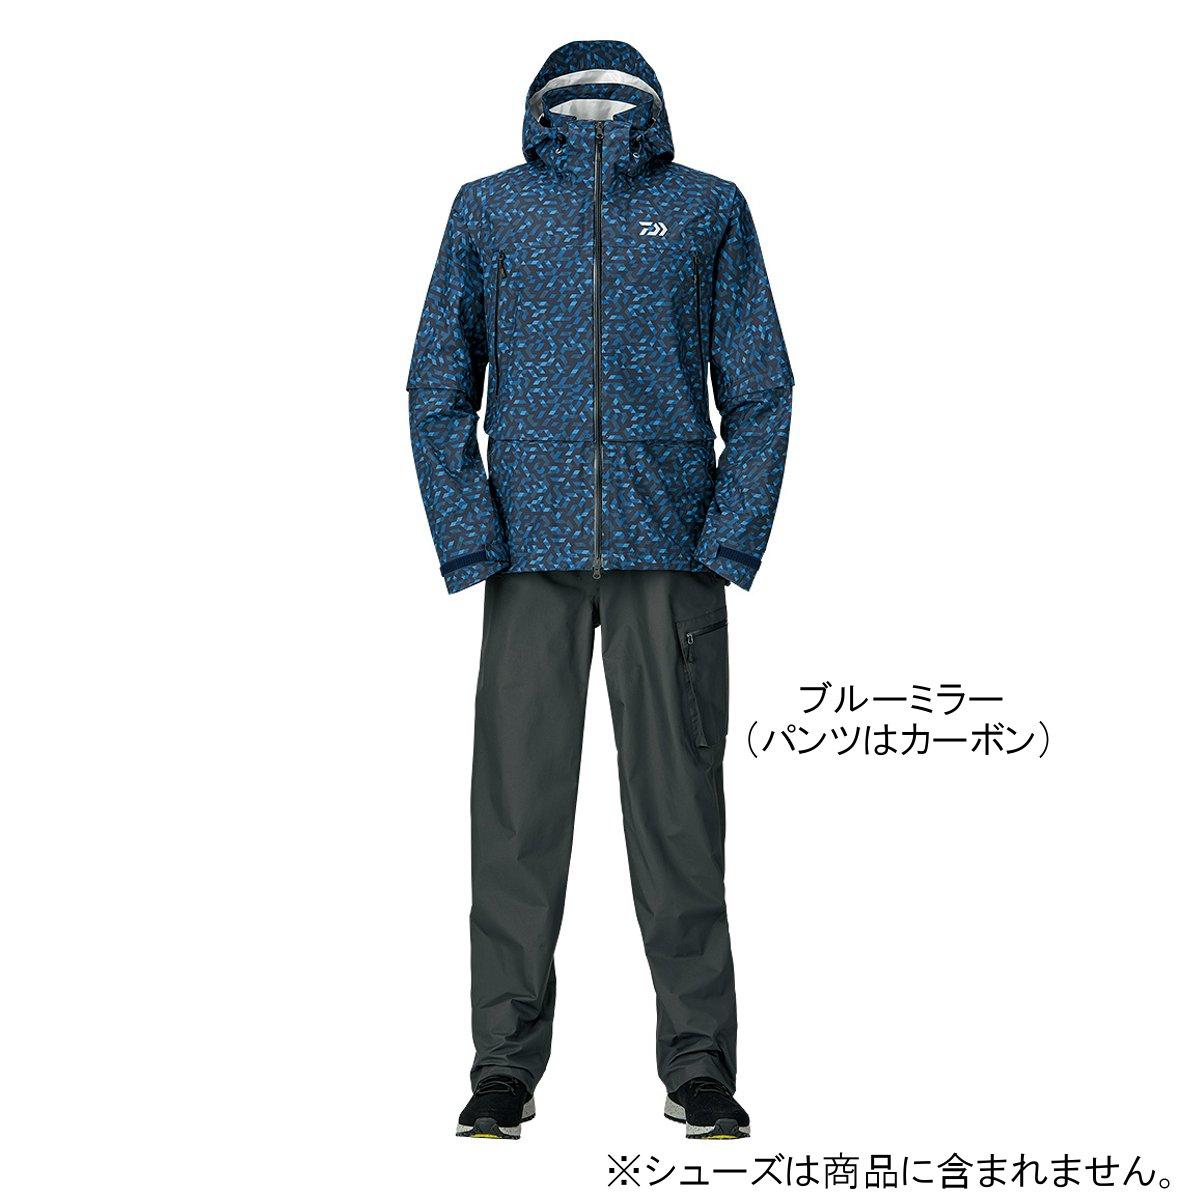 ダイワ レインマックス デタッチャブルレインスーツ DR-30009 XL ブルーミラー(東日本店)